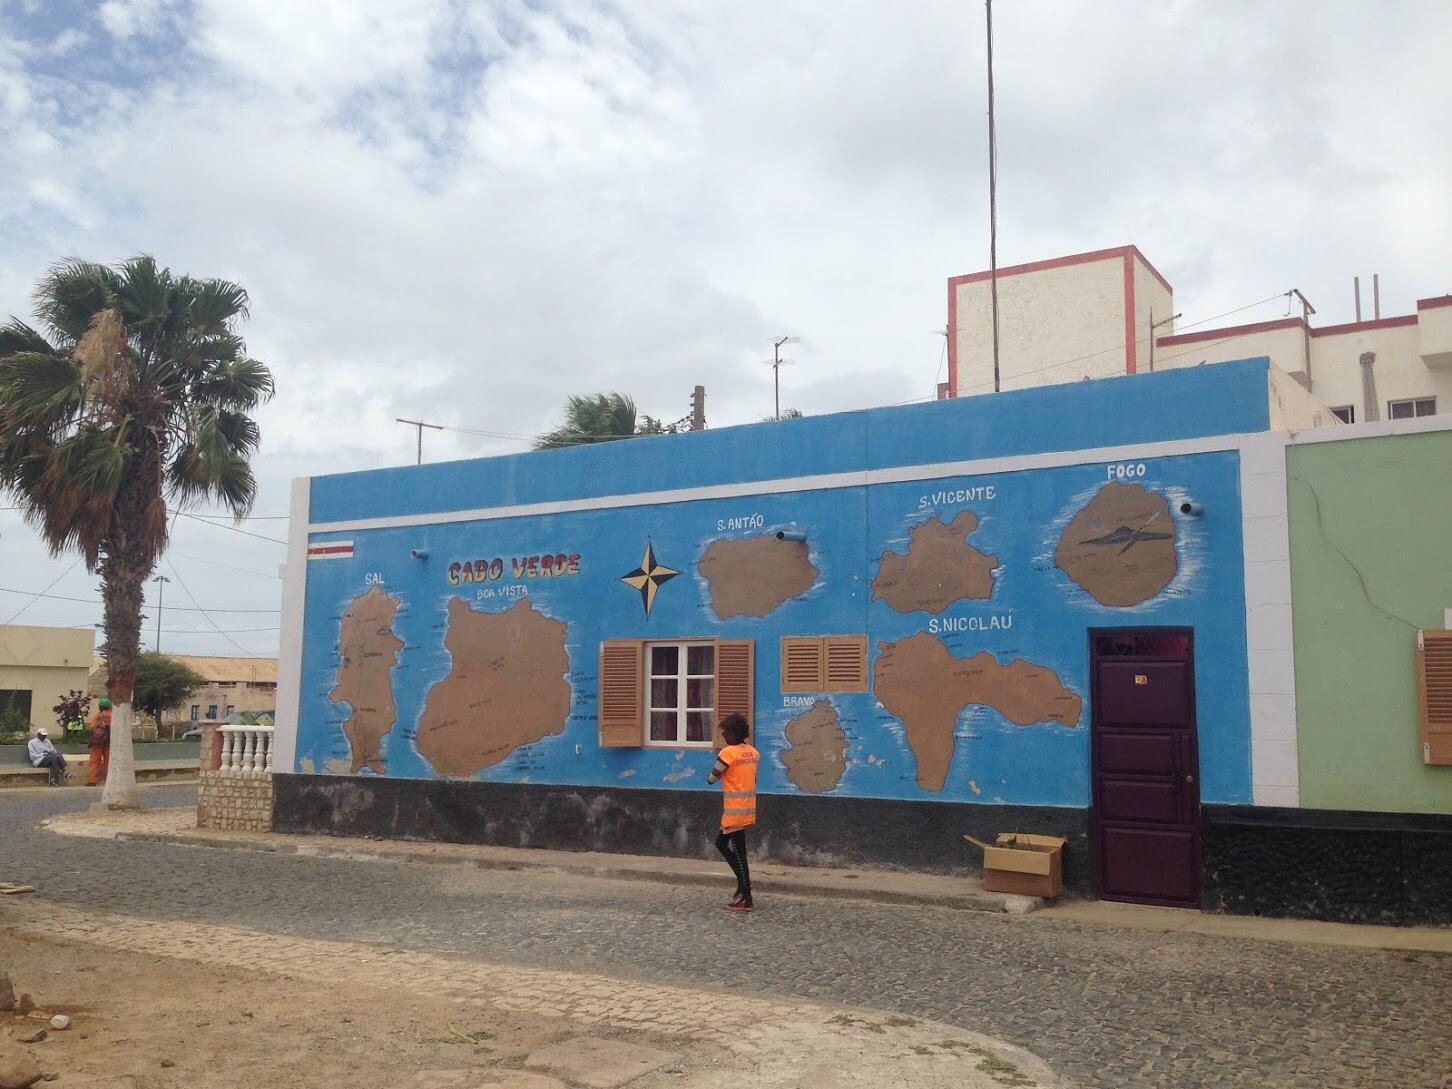 Uma artéria da Ilha do Sal, Cabo Verde, onde decorreu de 15 a 17 de Setembro de 2021 a nona conferência sobre o clima e o desenvolvimento em África.